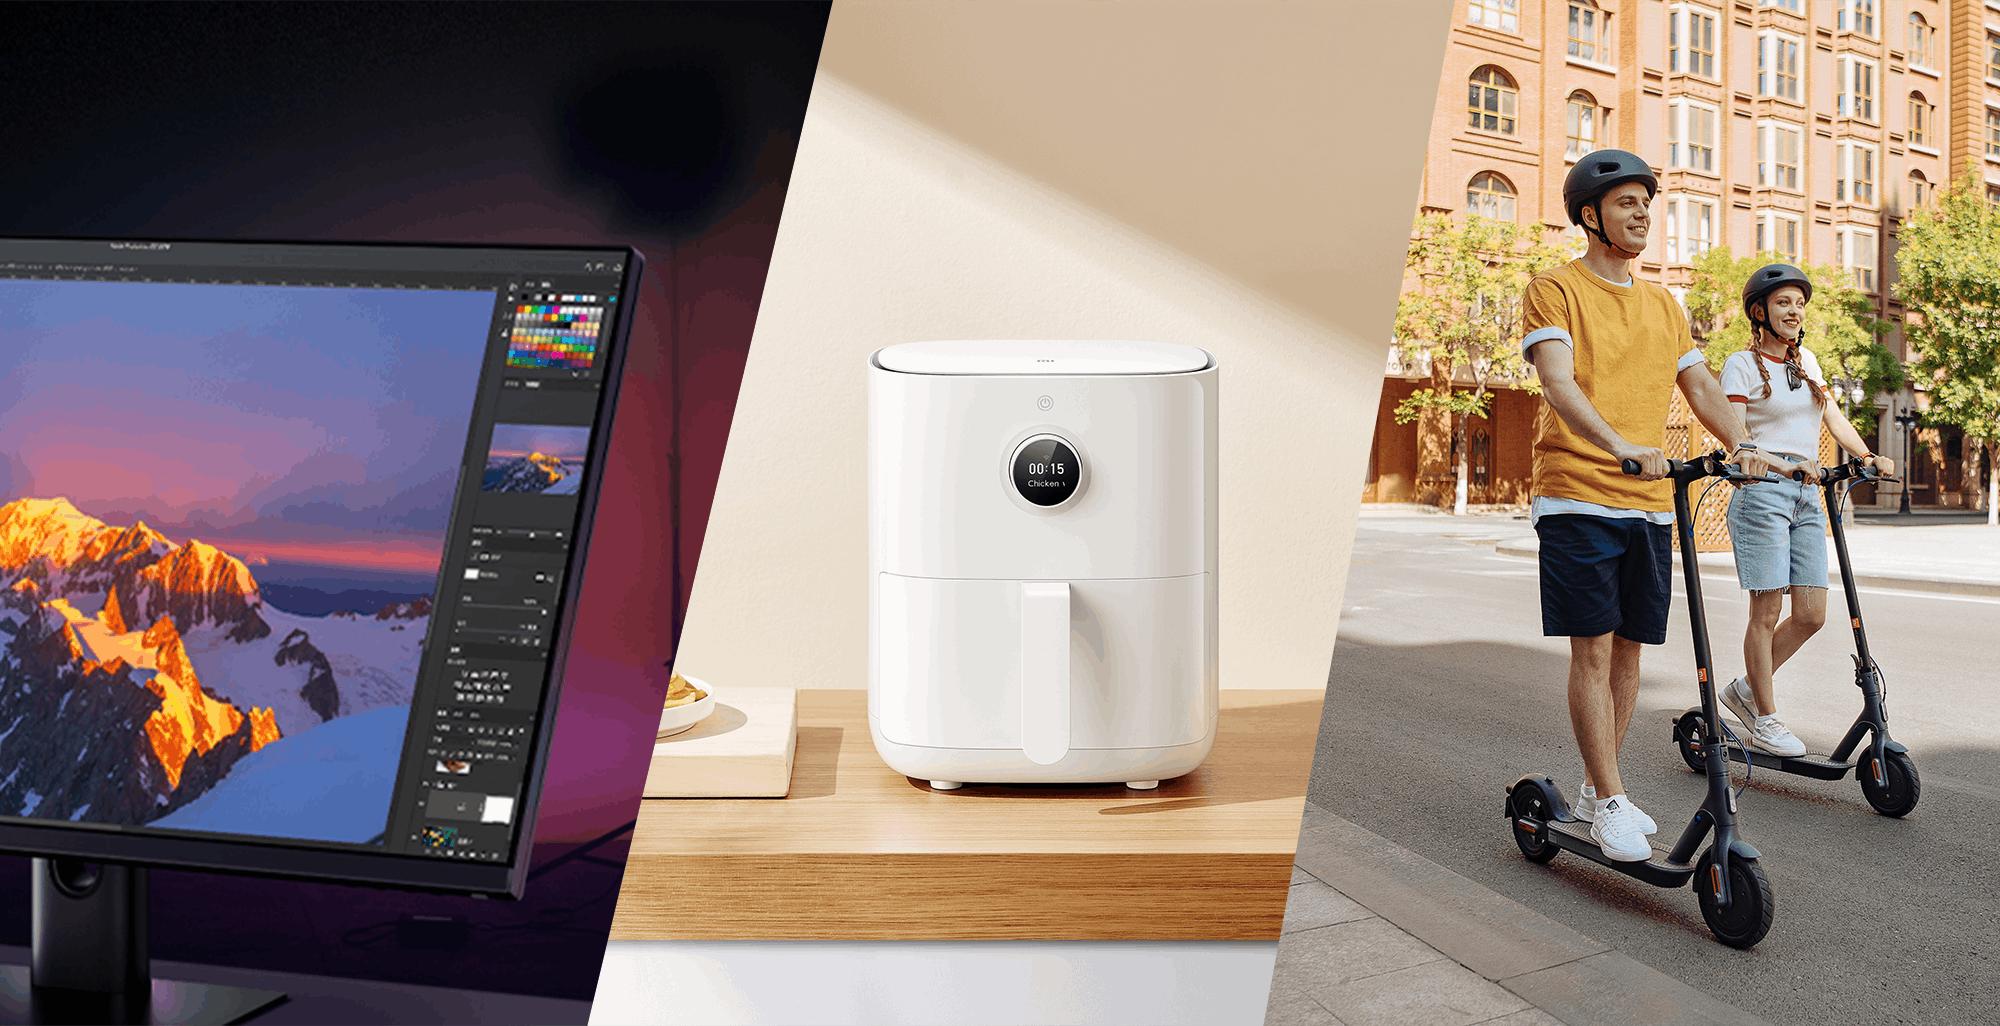 """Xiaomi, due prodotti inediti e un atteso aggiornamento: ecco la friggitrice ad aria smart, il monitor 27"""" 2k da gioco e un nuovo monopattino"""